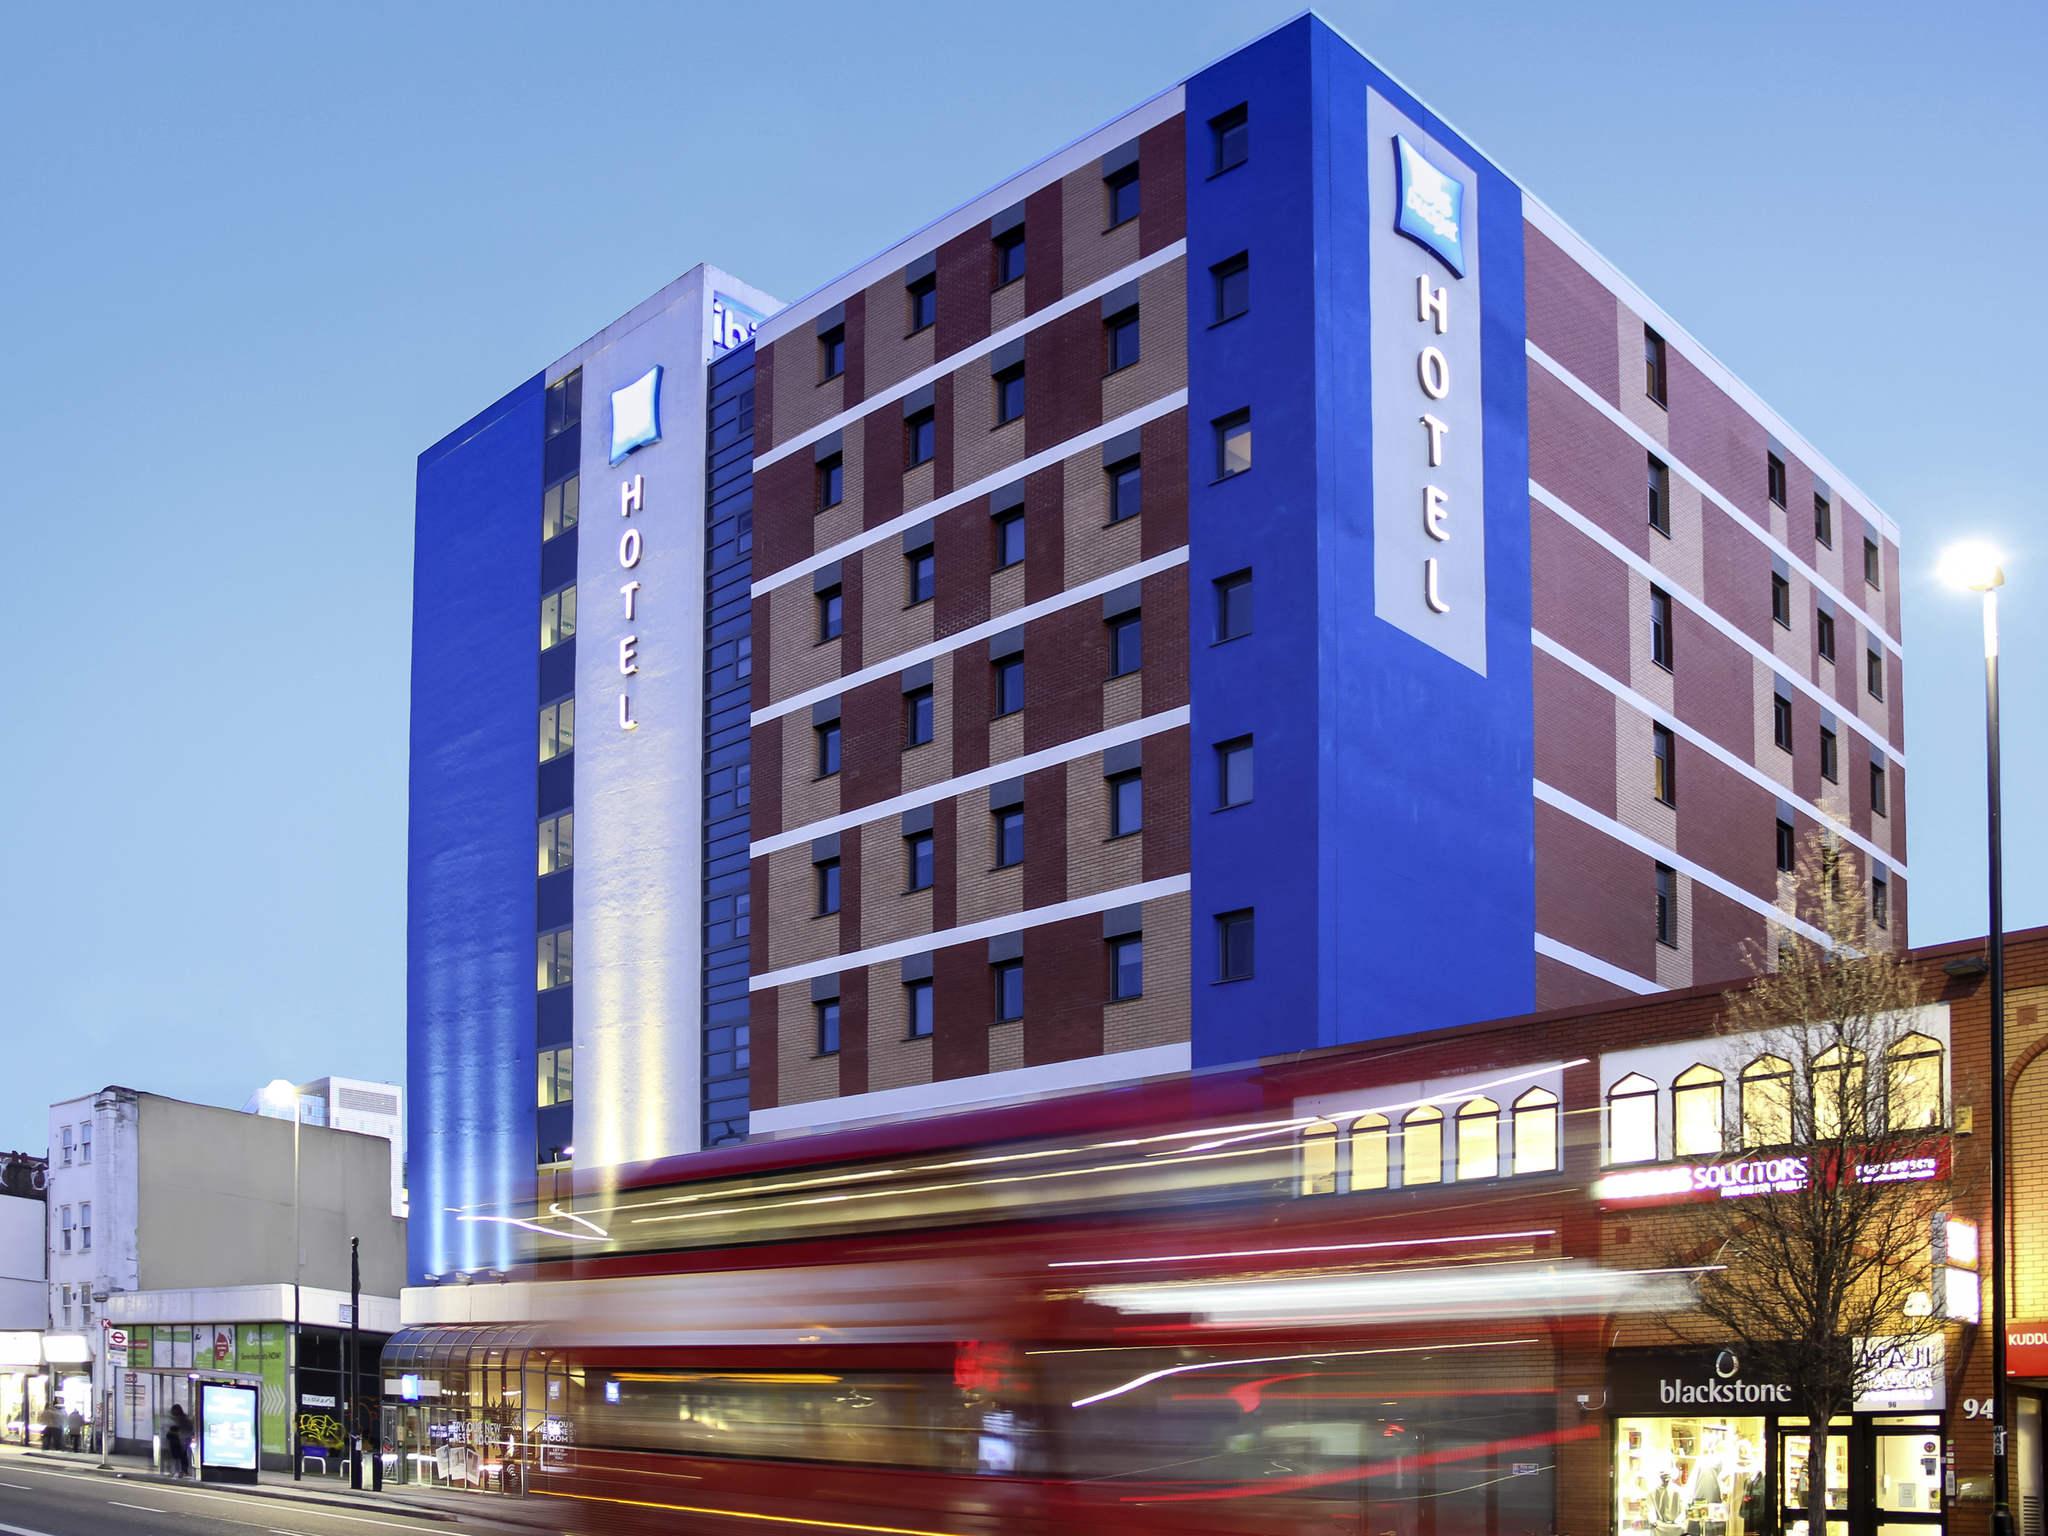 โรงแรม – ไอบิส บัดเจ็ท ลอนดอน ไวท์แชเพล บริคเลน